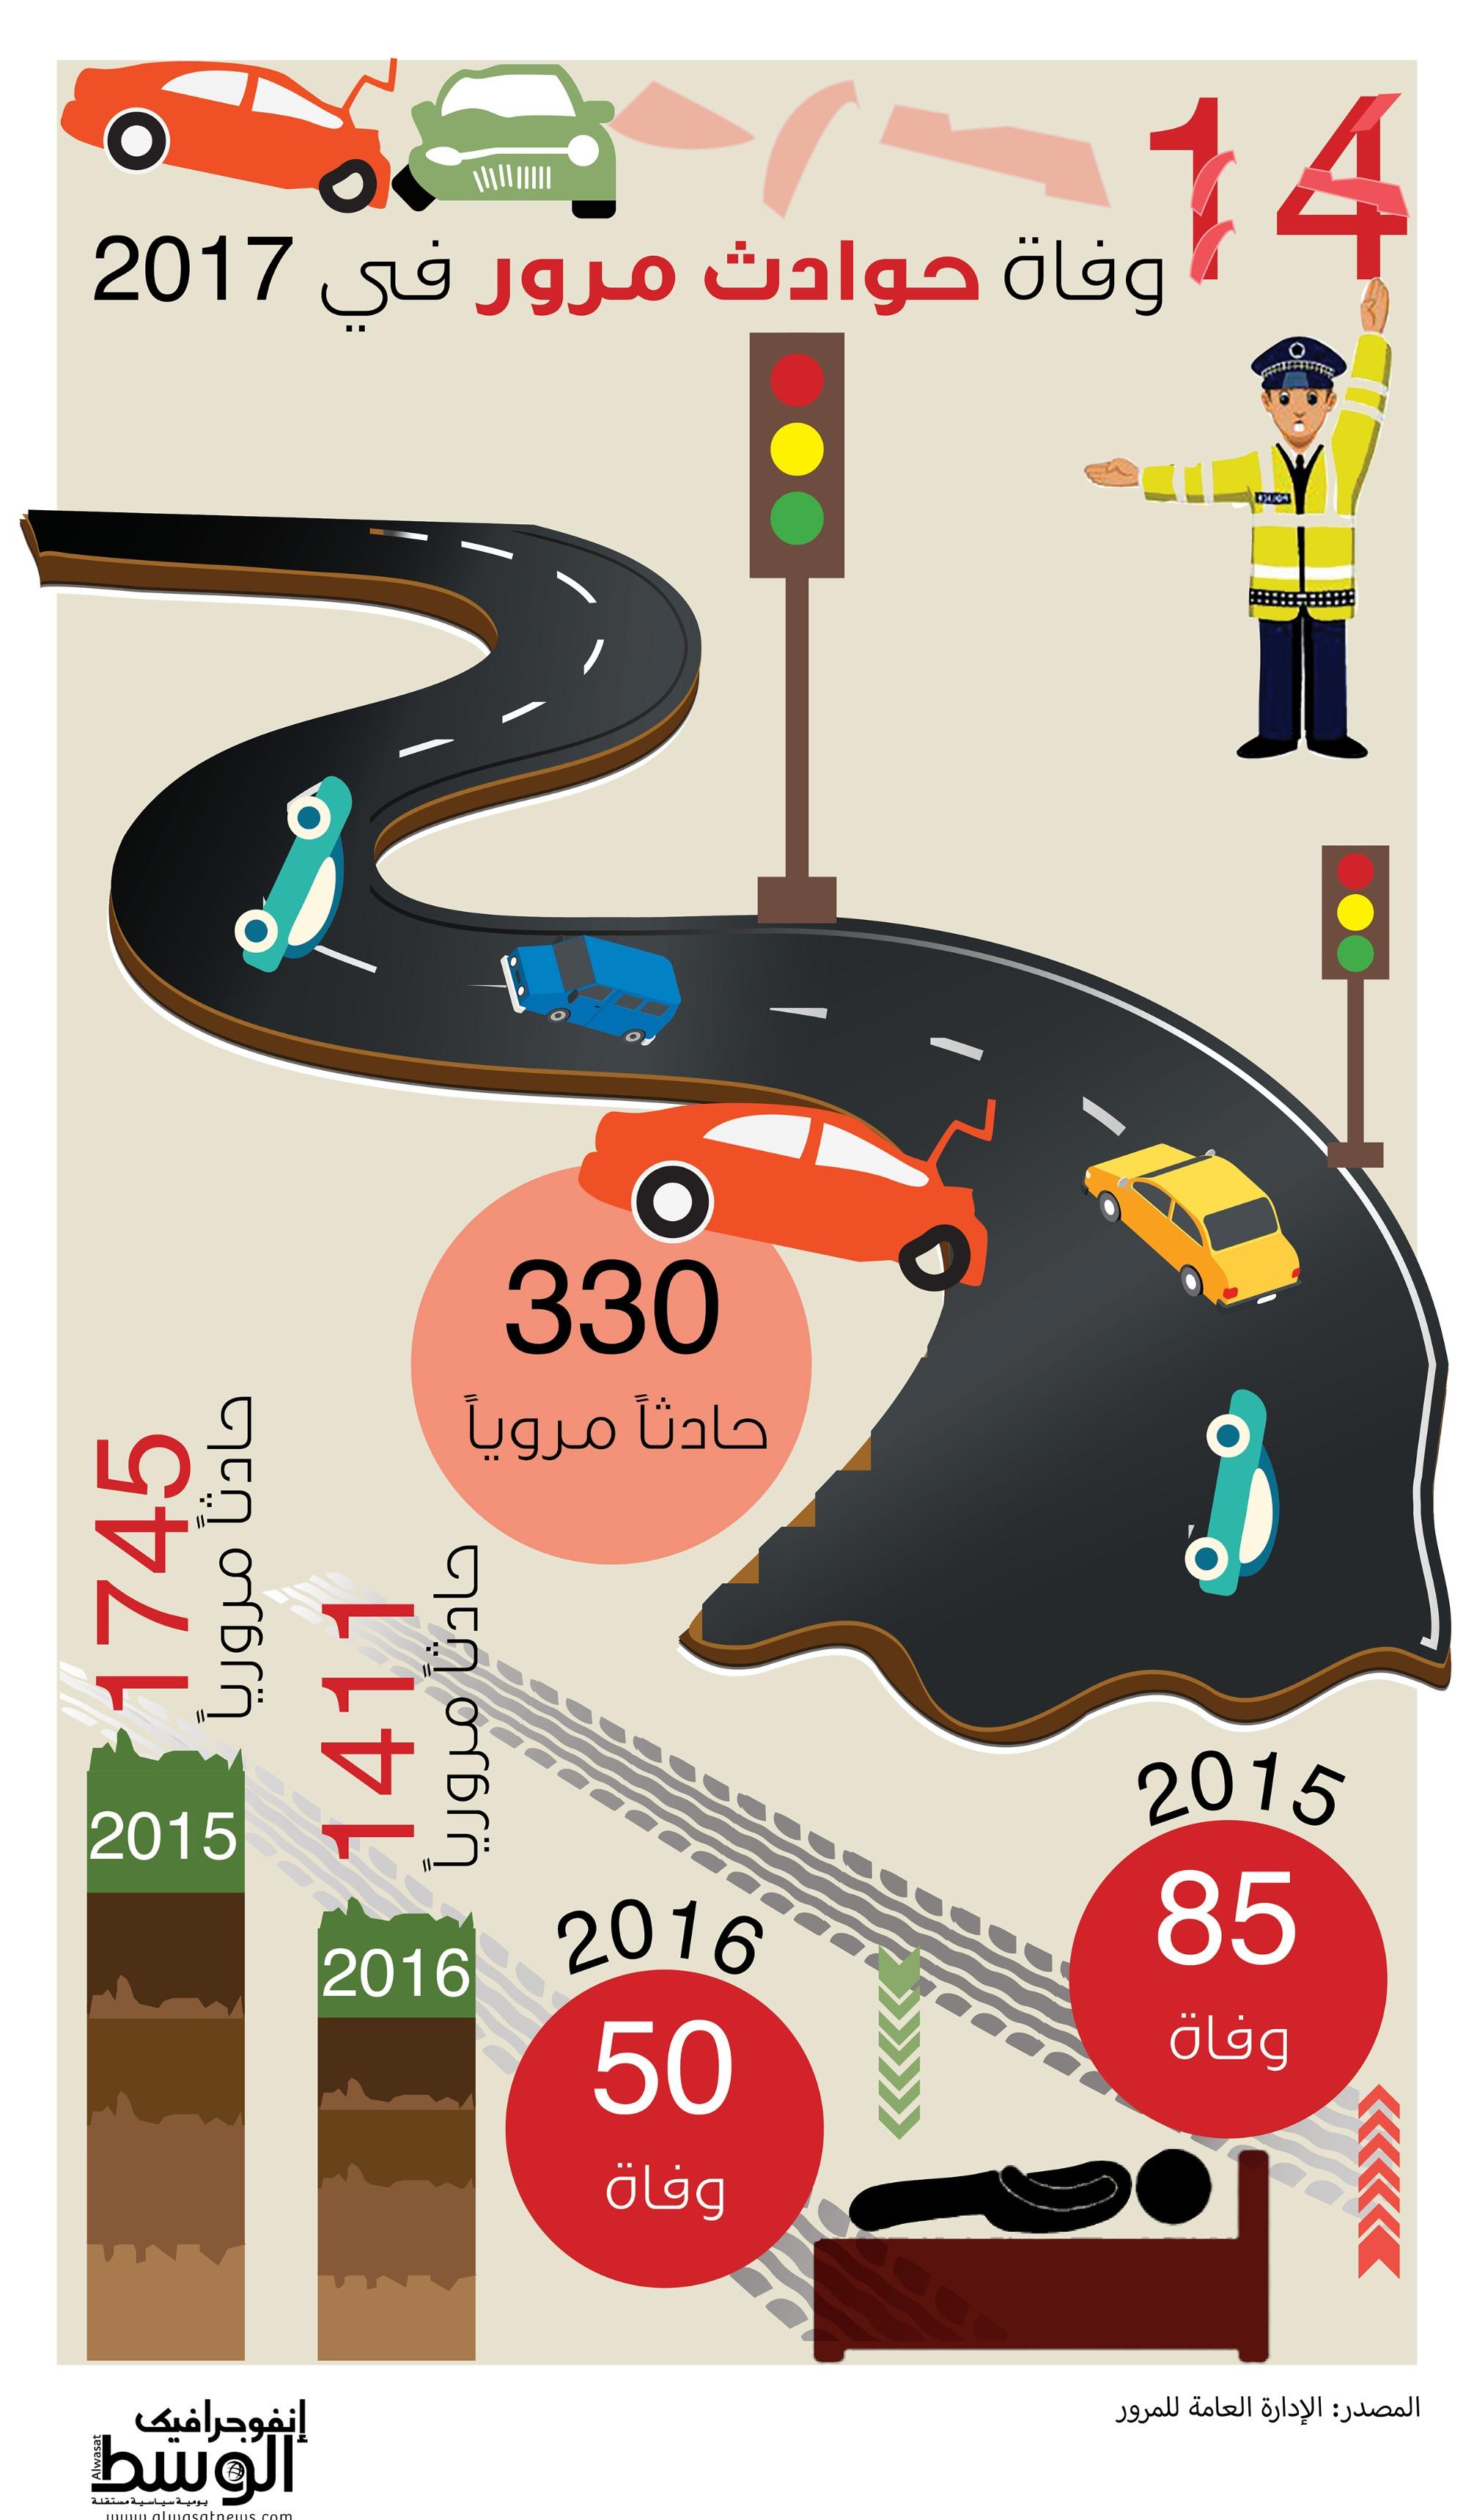 احصائية عن حوادث المرور في 2017